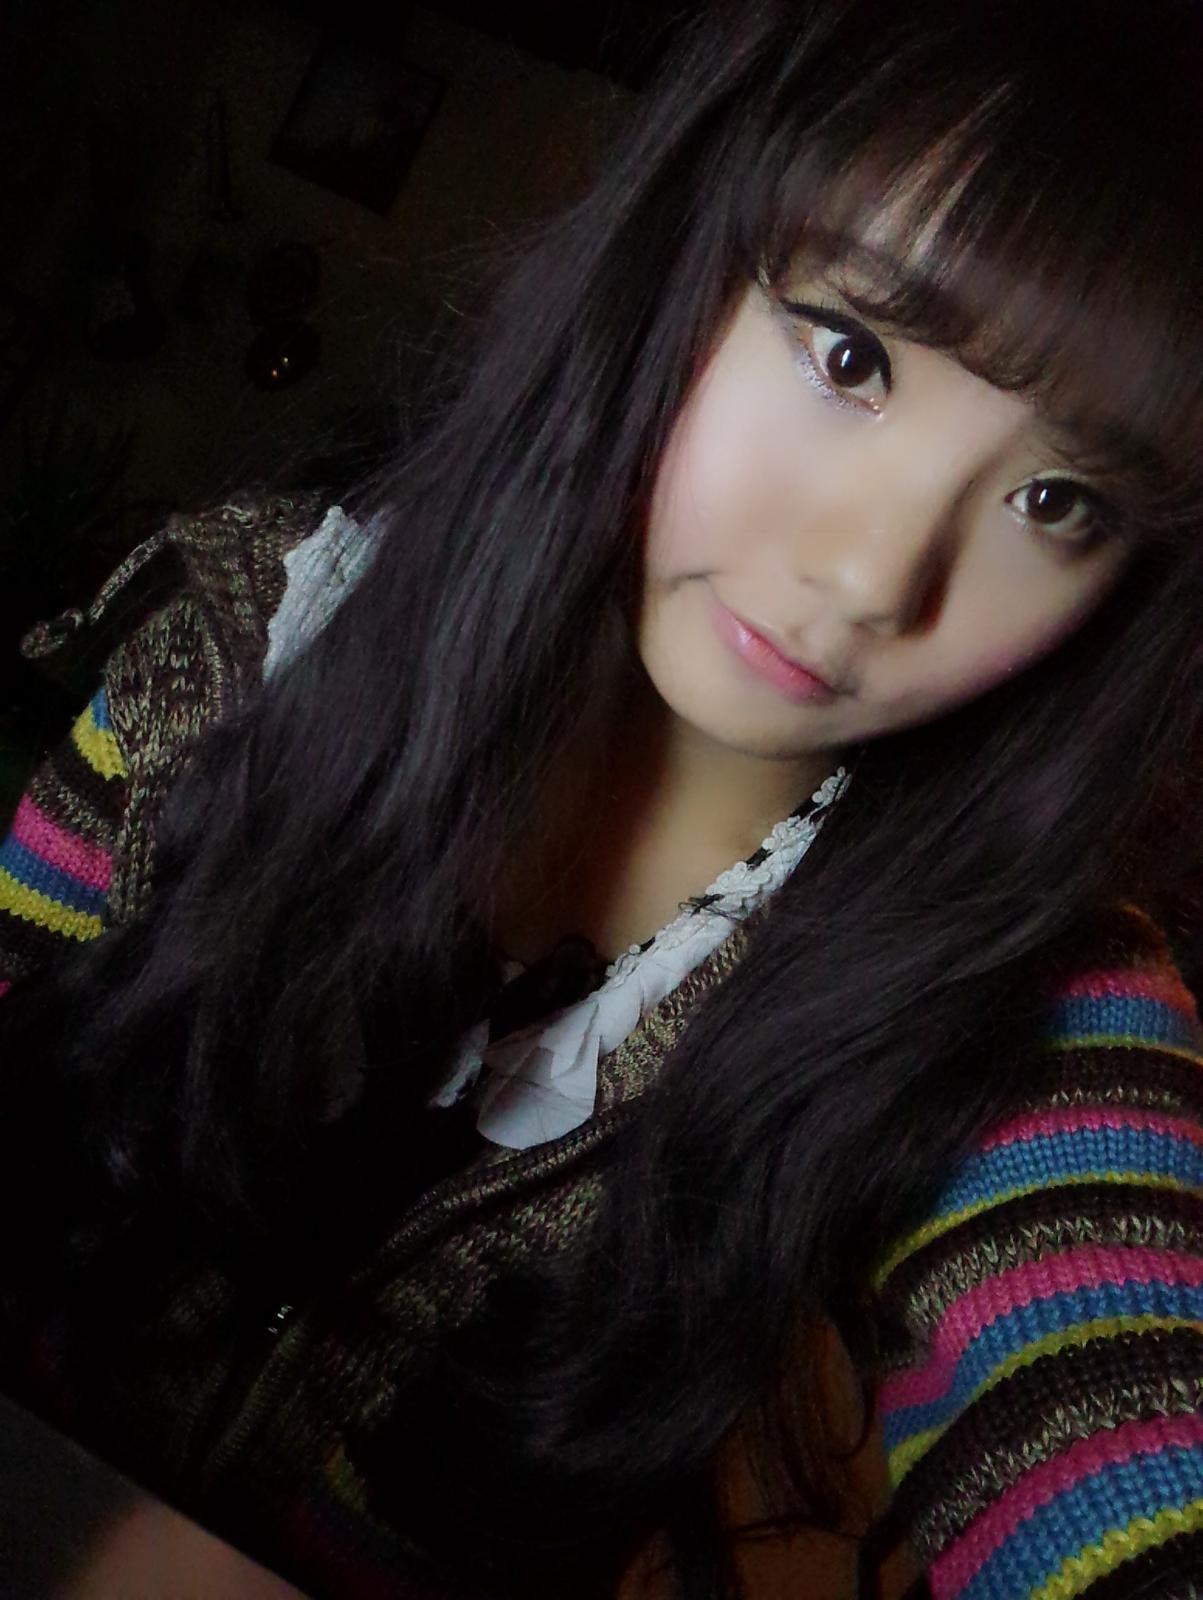 浅浅是个好姑娘